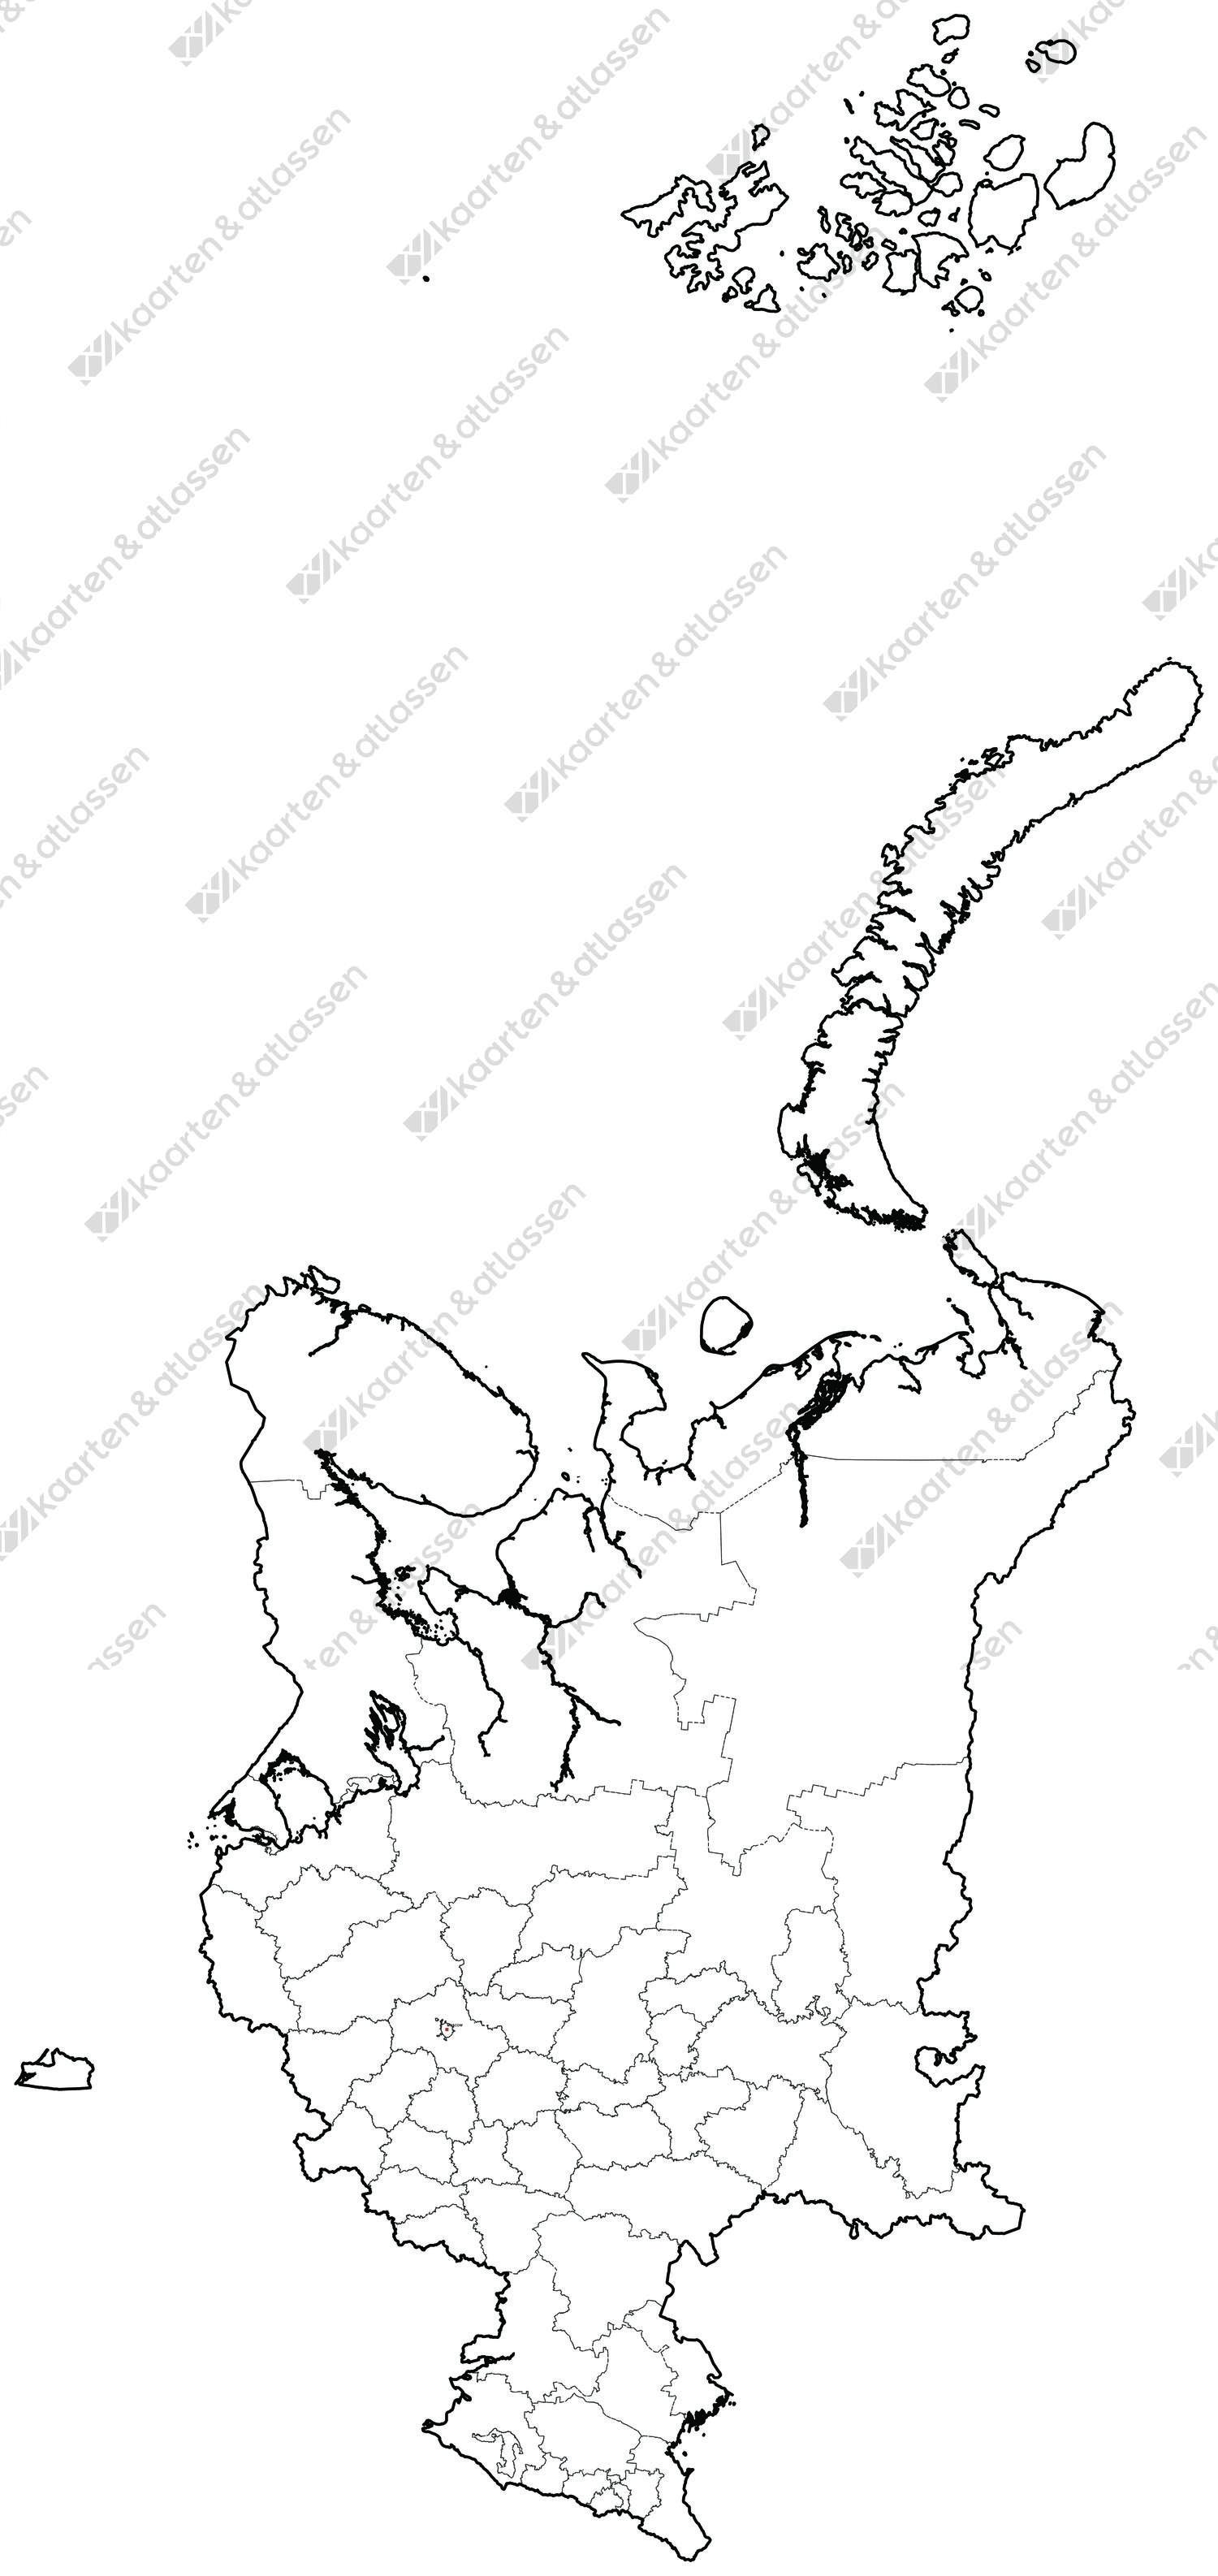 Gratis digitale kaart West-Rusland